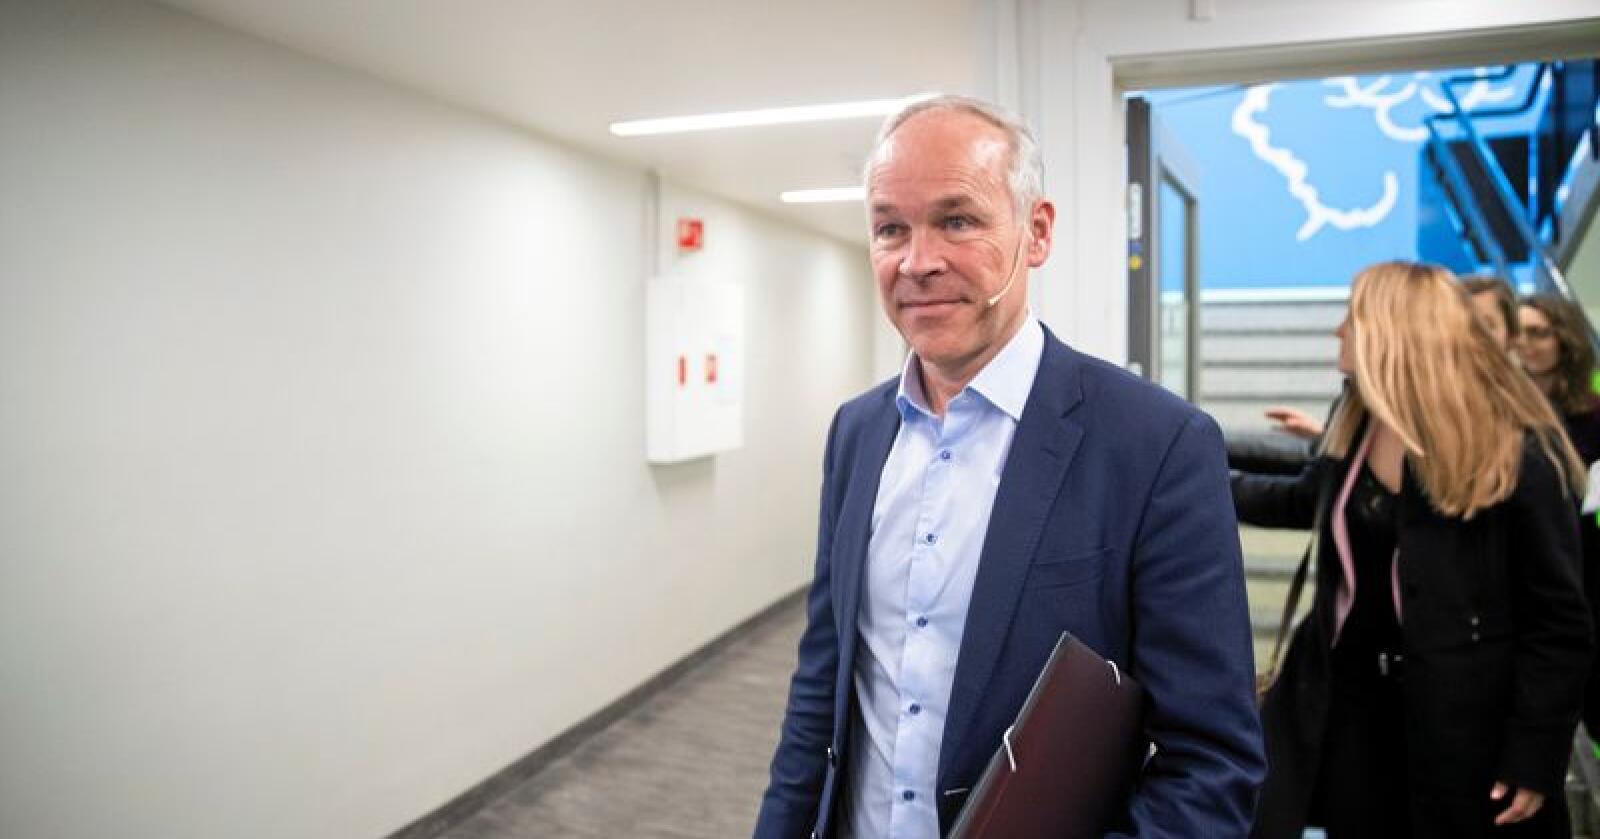 Regjeringen og kunnskaps- og integreringsminister Jan Tore Sanner vil styrke fagskolene. Foto: Berit Roald / NTB scanpix